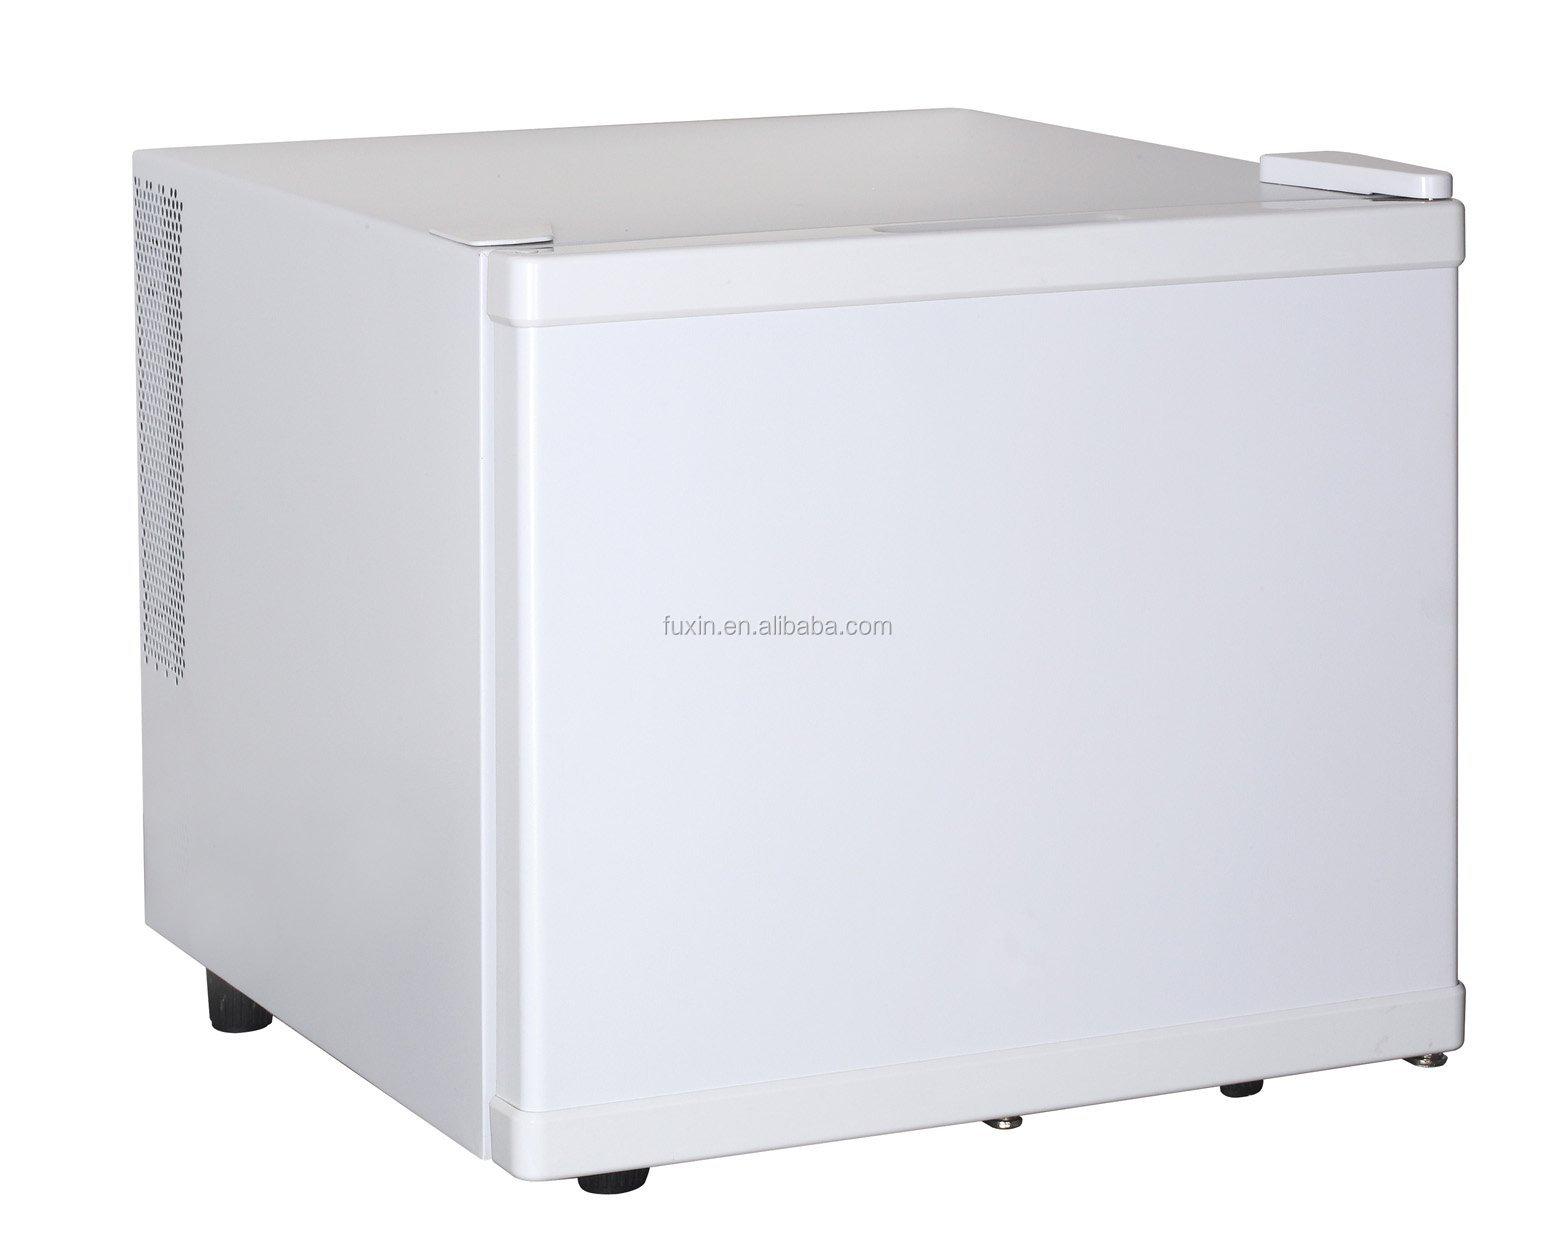 Minibar Kühlschrank 30l : Finden sie hohe qualität brauch mini kühlschrank hersteller und